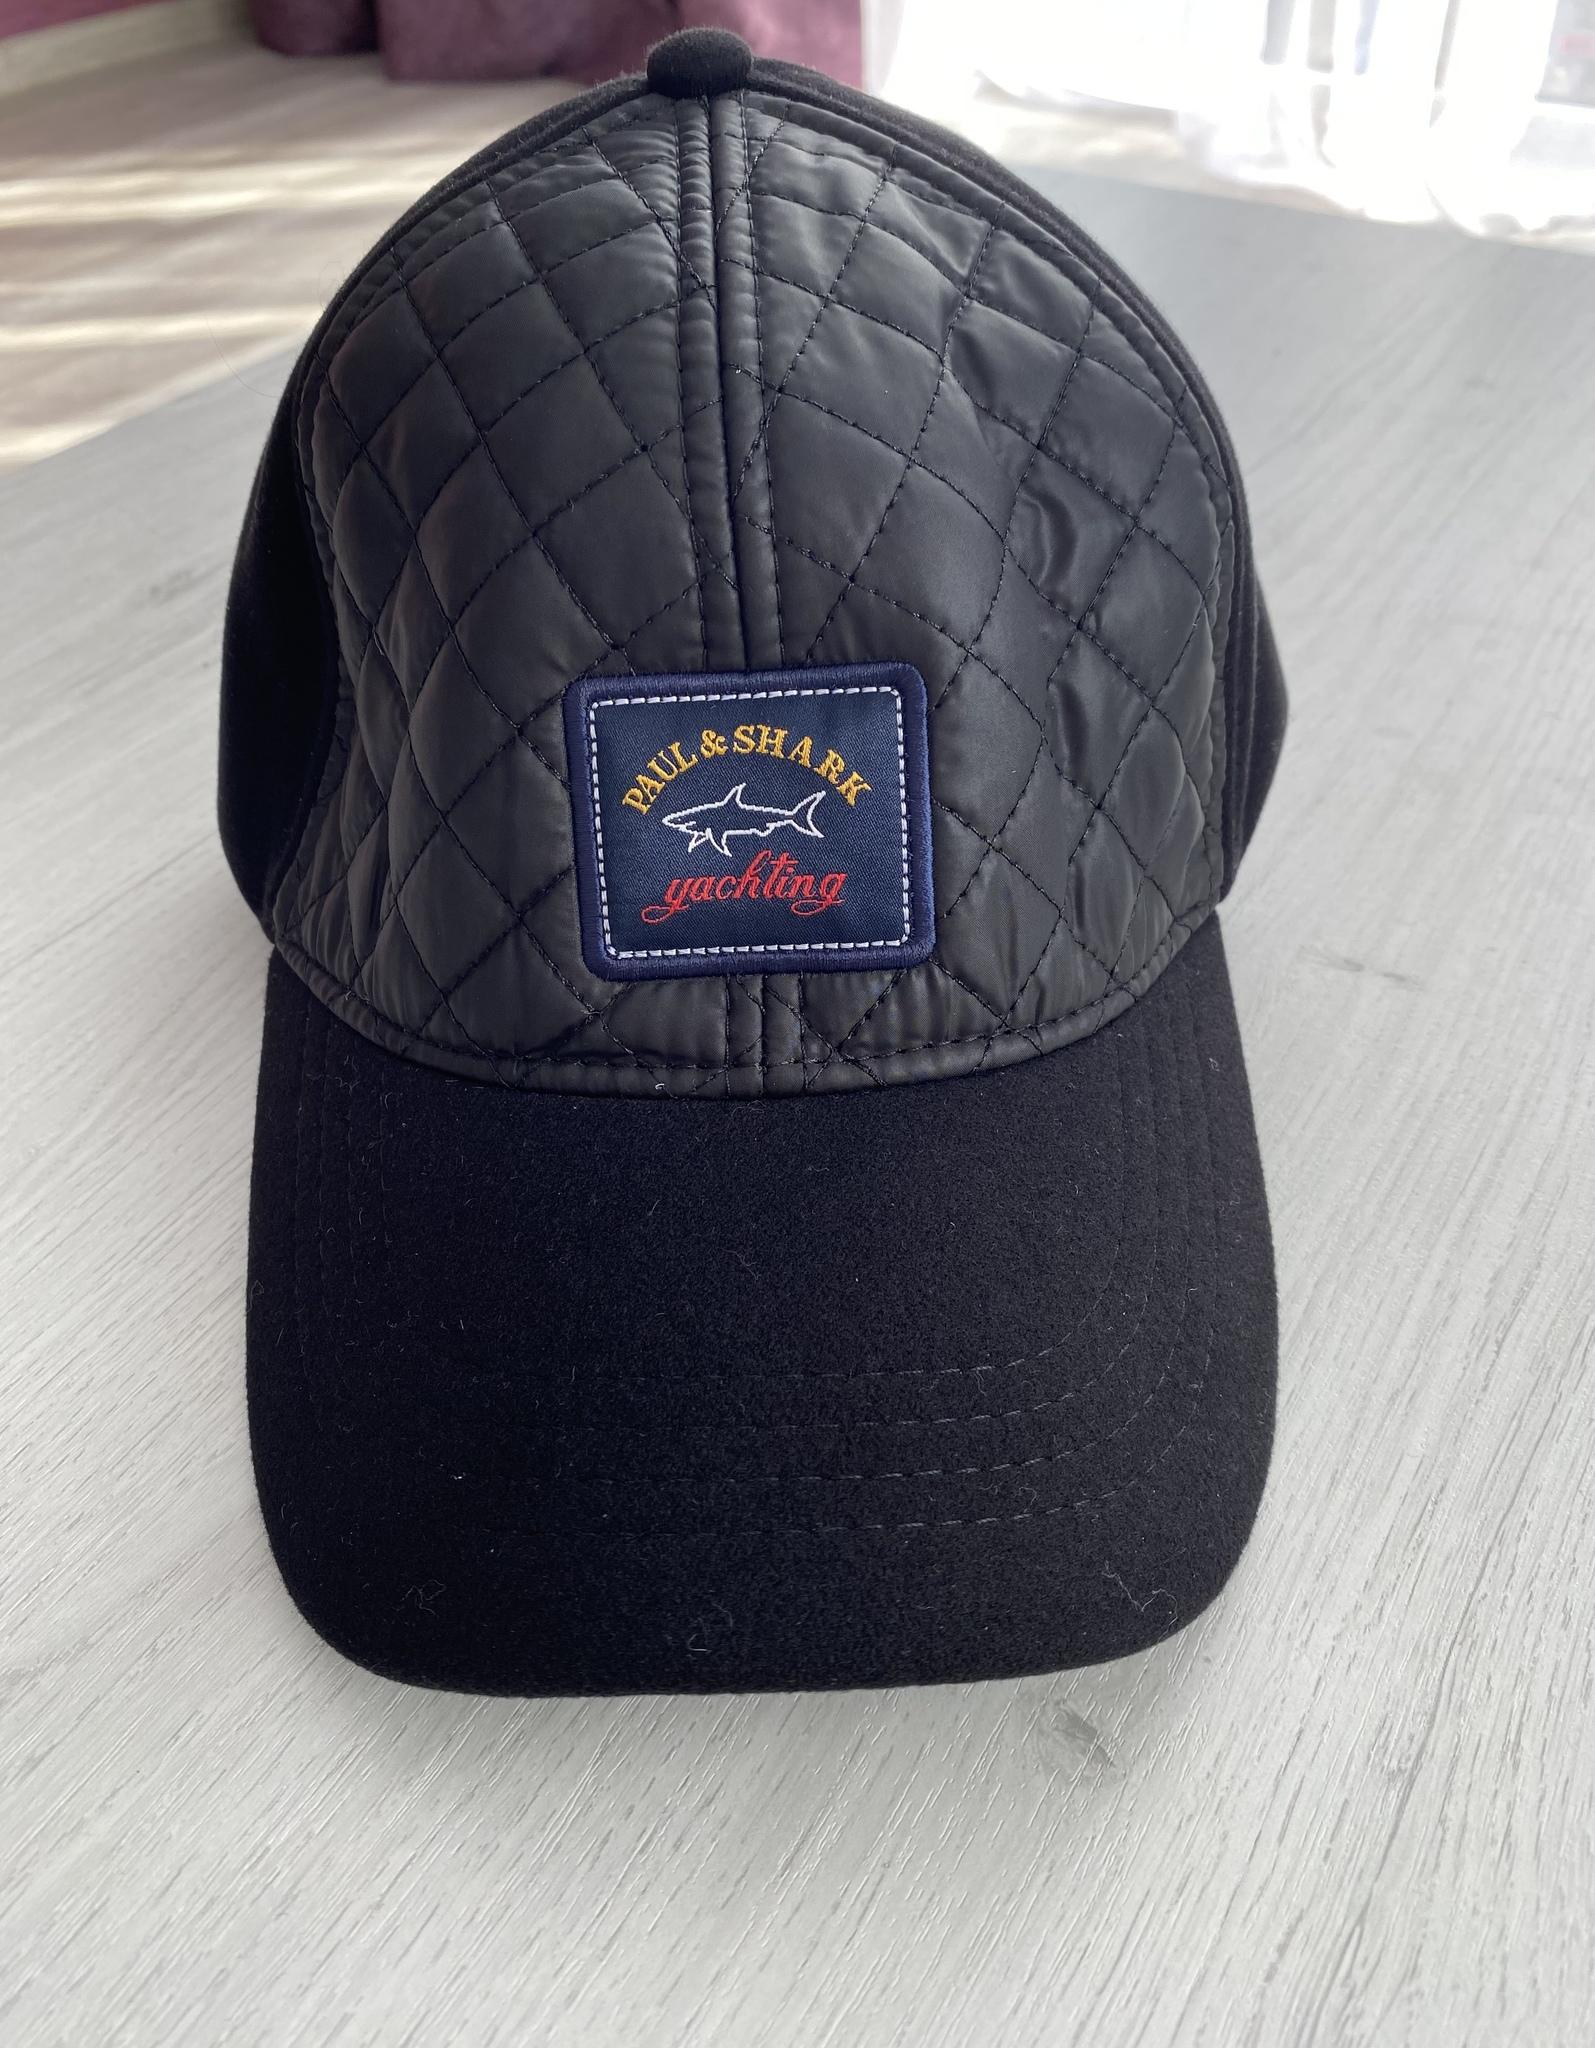 """Мужские шапки и кепки Paul Shark Утепленная кепка""""Paul and Shark"""" №11 F2854B8A-6460-493B-B82F-884C85ACAC1D.jpeg"""